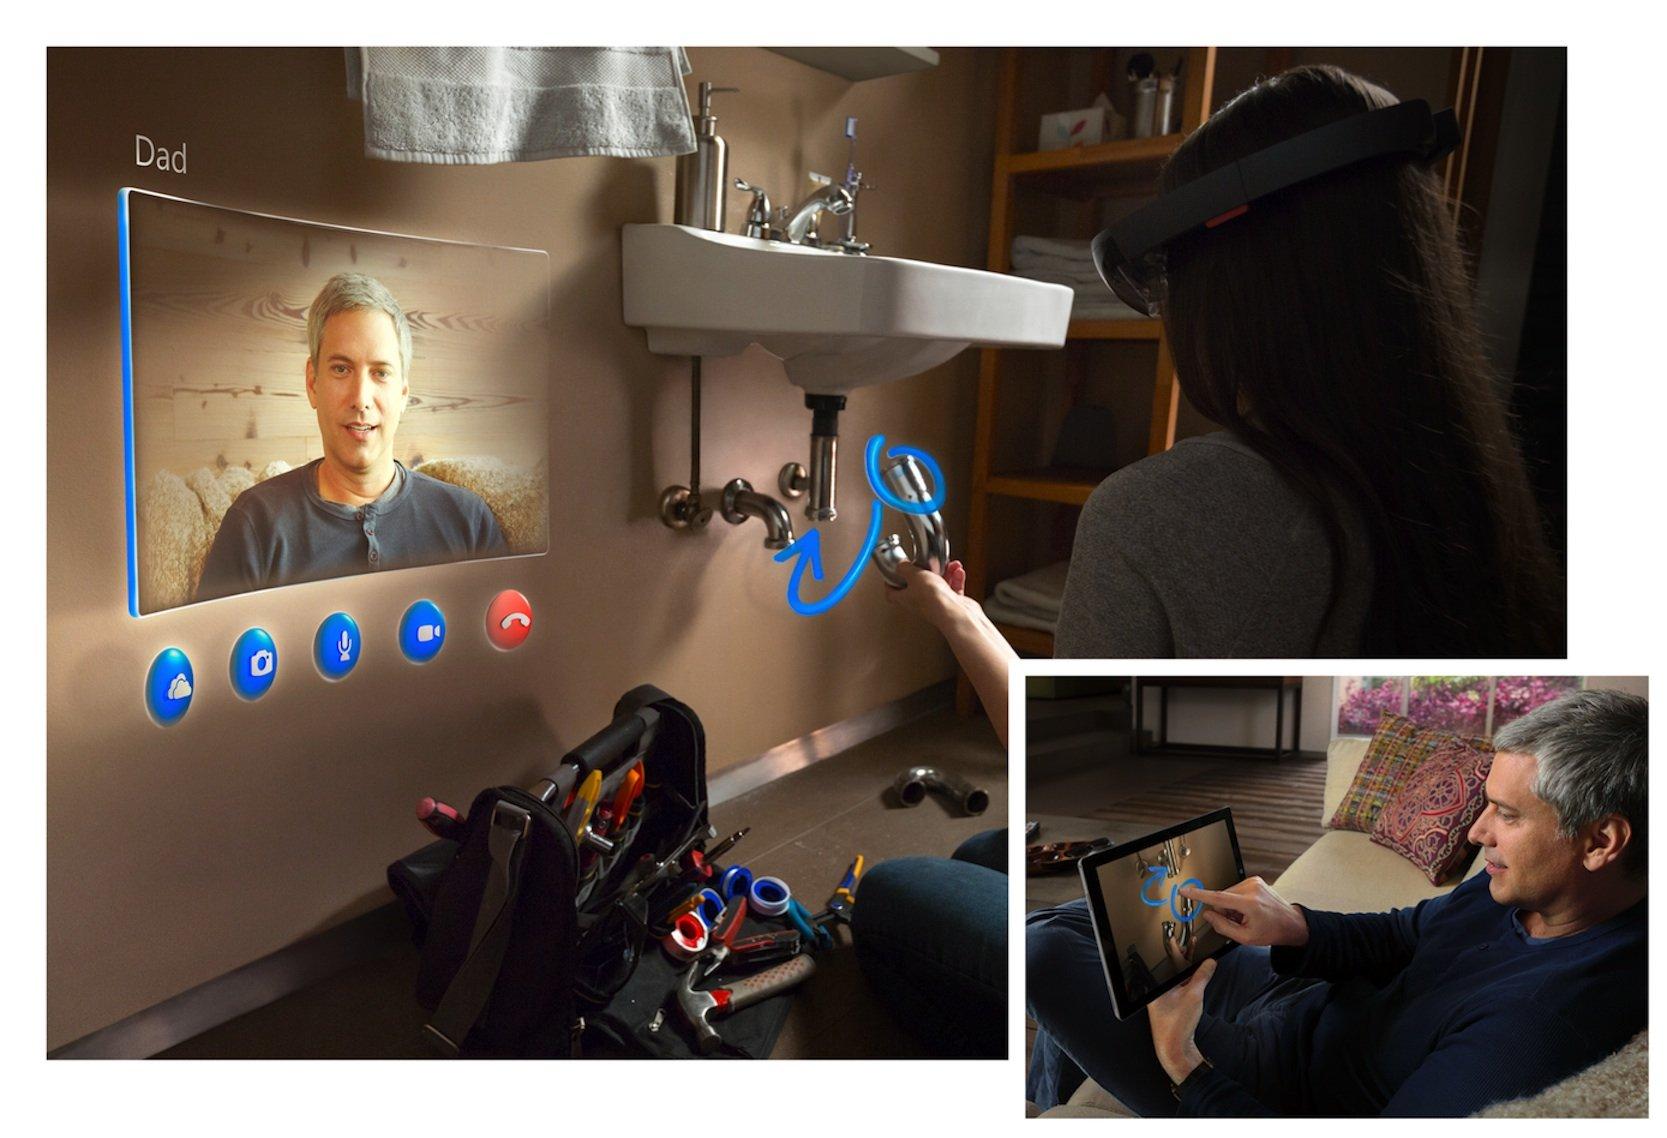 Nutzen mehrere Menschen eine HoloLens, kann ein entfernter Experte nicht nur Tipps zur Lösung eines Problems geben, sondern auch ins Blickfeld des Partners zeichnen oder Informationen einblenden. In diesem Fall hilft ein Vater seiner Tochter bei der Montage eines Siphons.